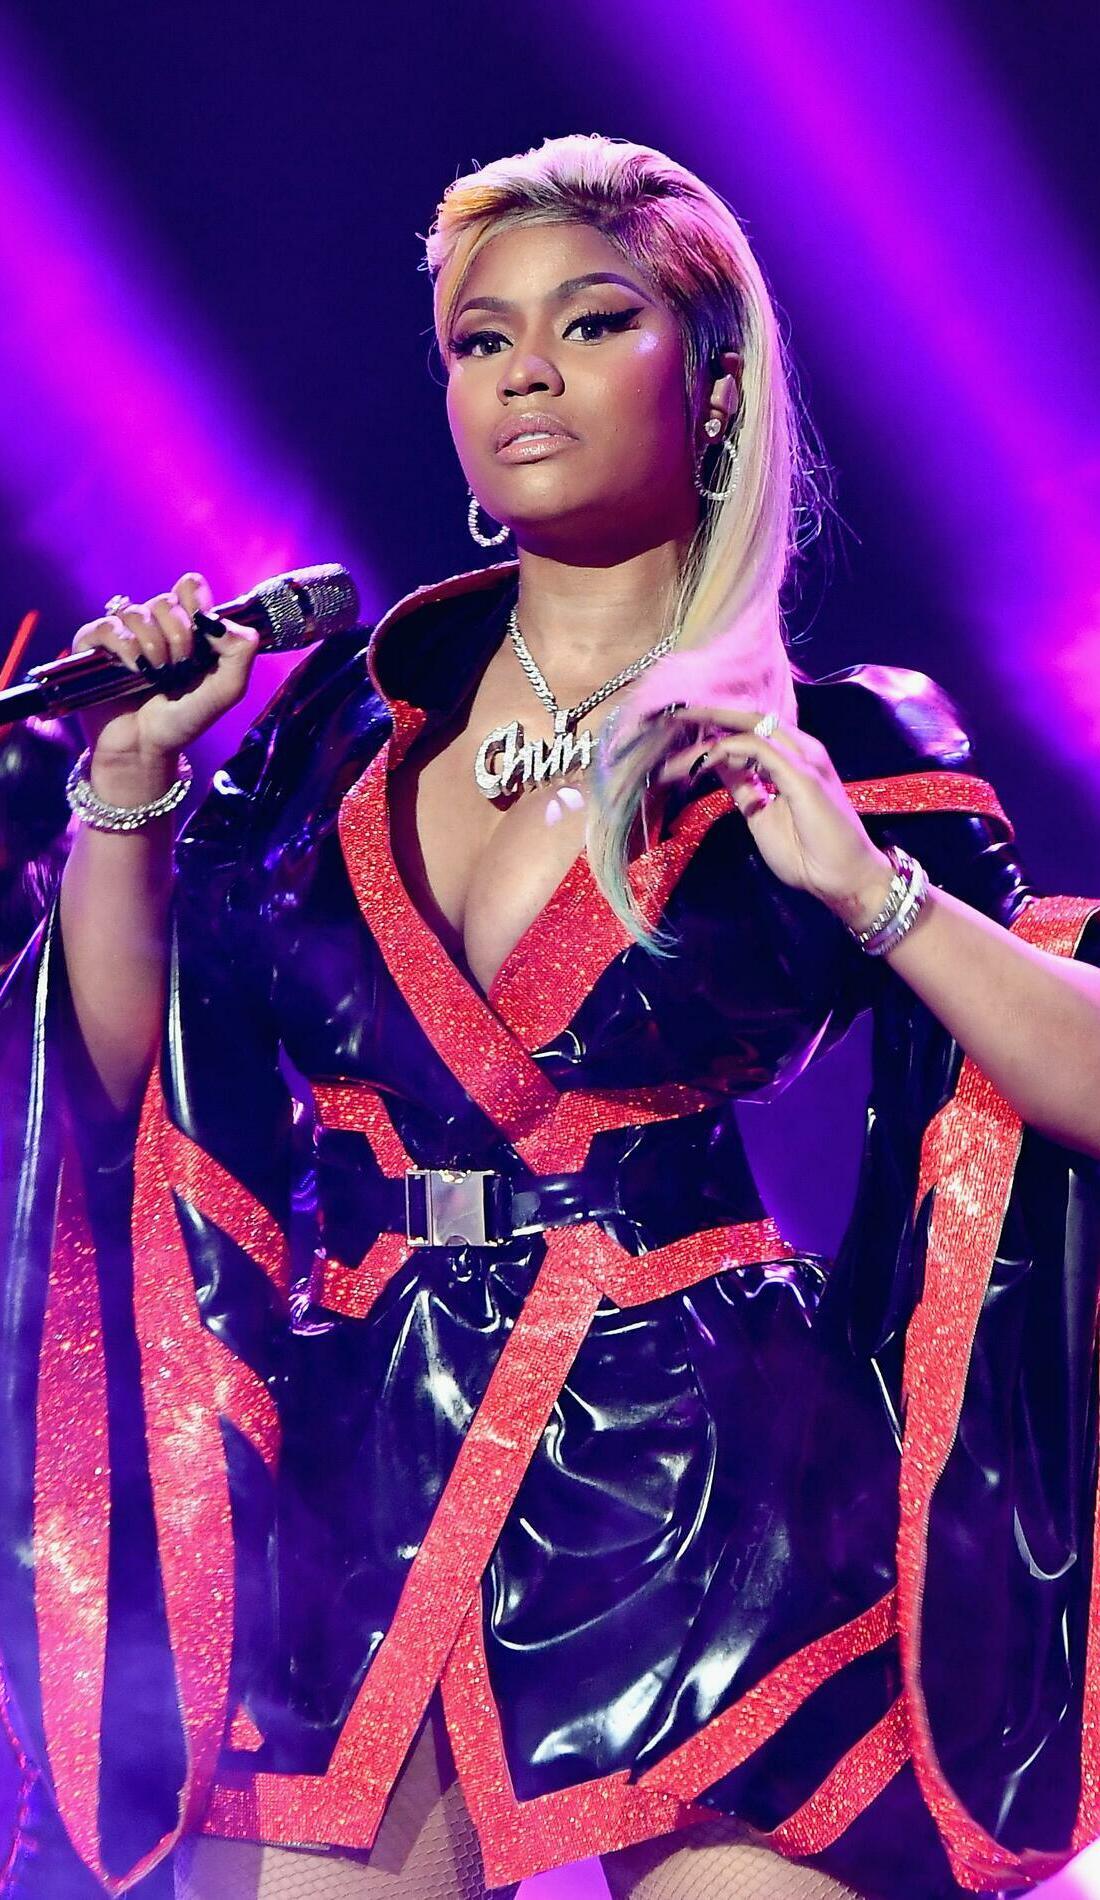 A Nicki Minaj live event